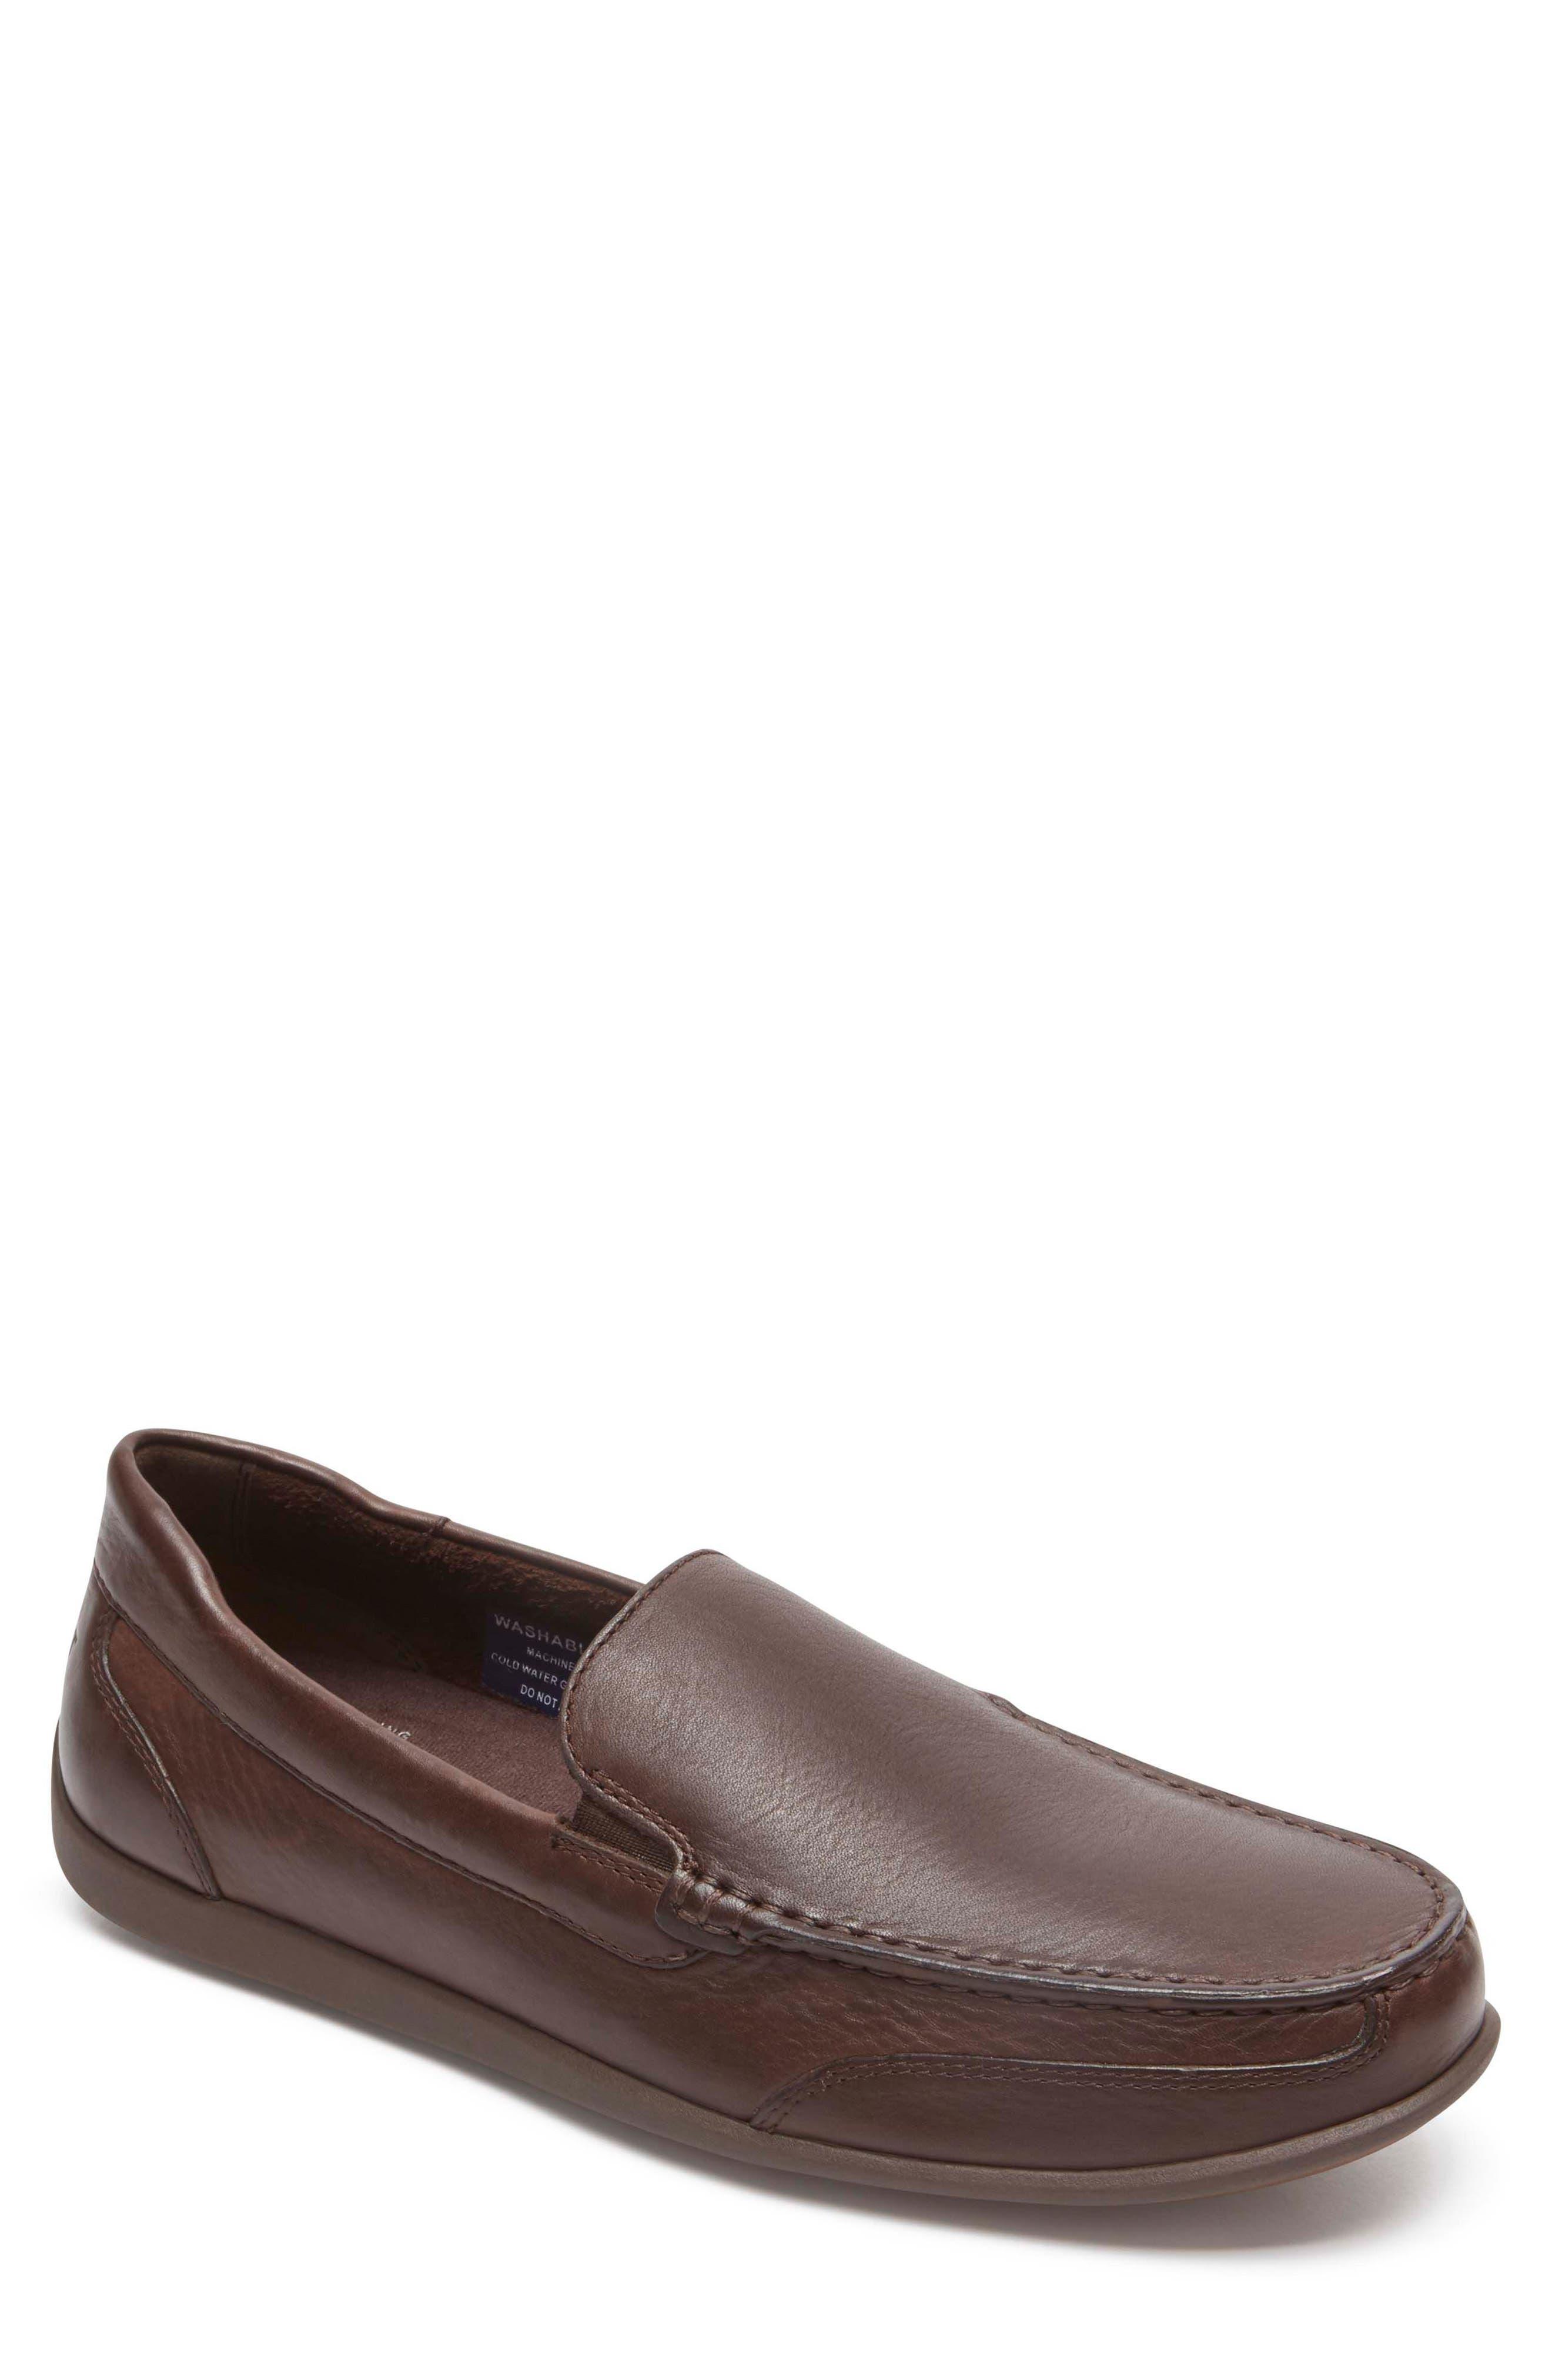 Bennett Lane Slip-On,                         Main,                         color, Brown Leather